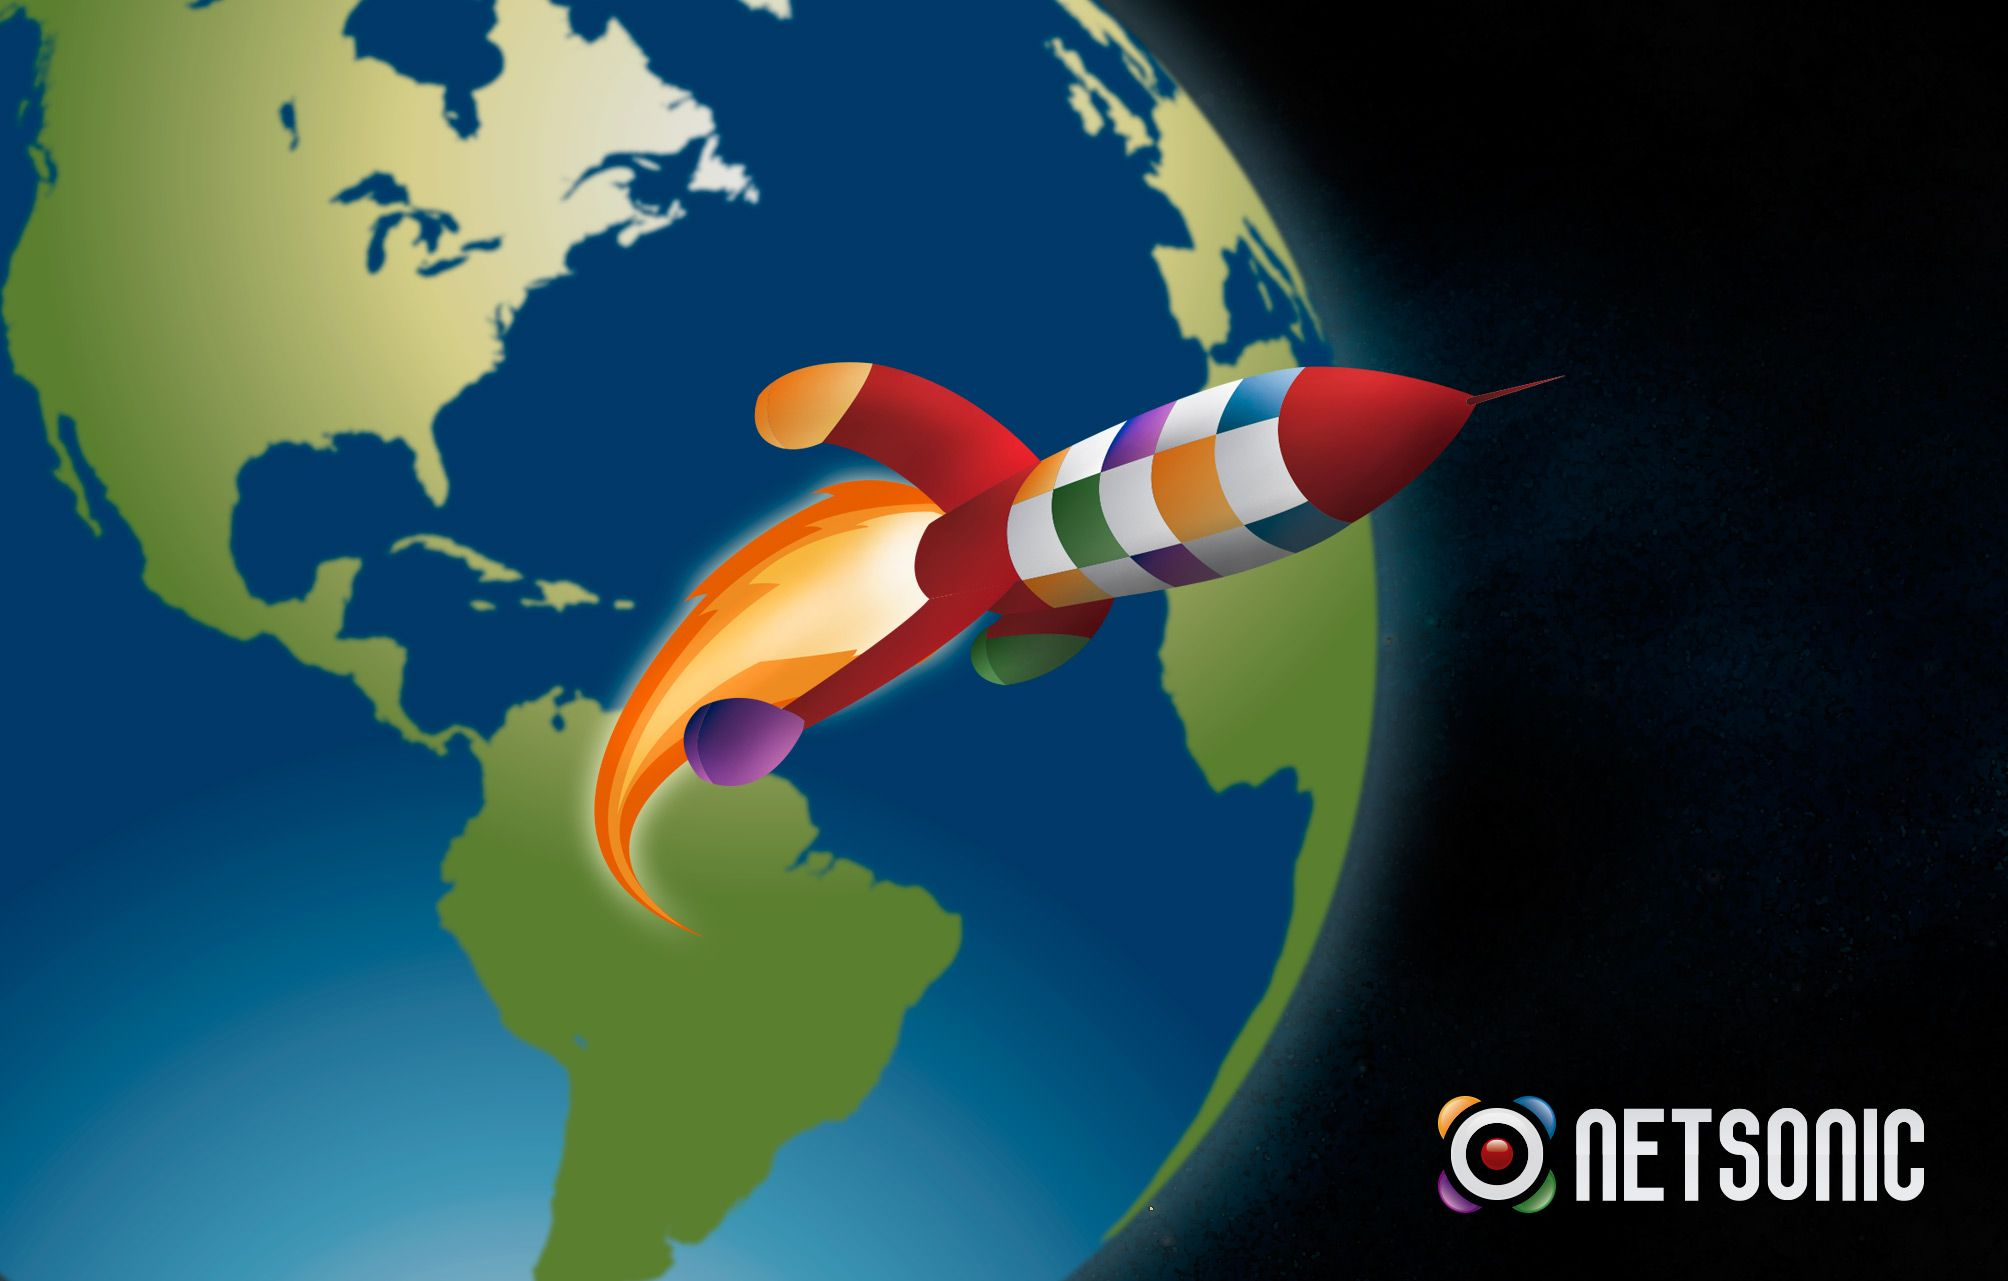 Netsonic acelera su red en Latinoamérica estrenando nuevas oficinas y aumentando su equipo humano en México, Colombia y USA.